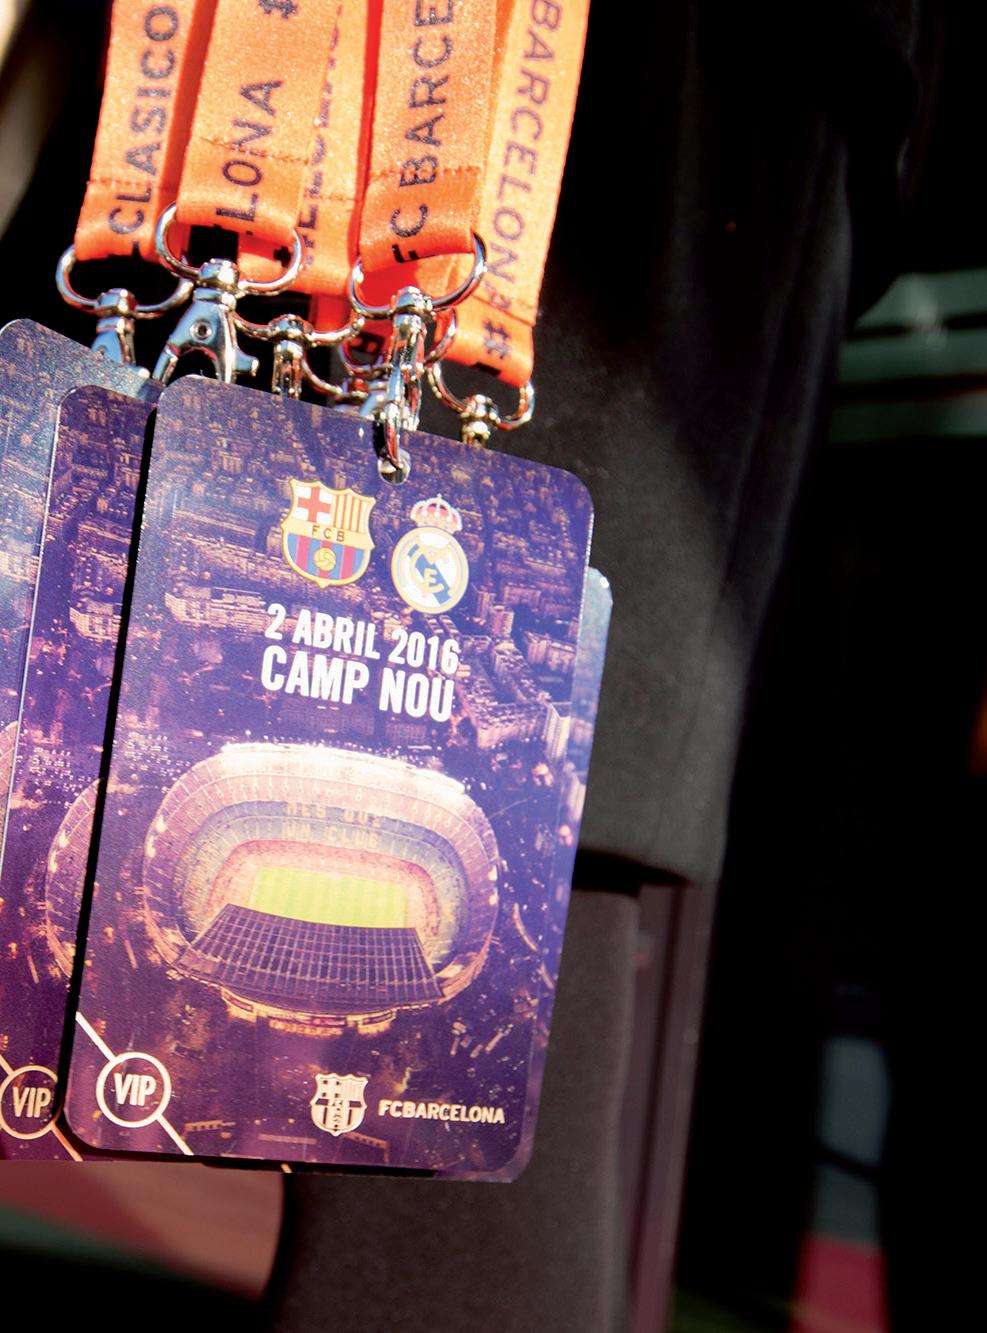 Credencial VIP para visitantes do Camp Nou Experience, para o jogo entre FC Barcelona e Real Madrid